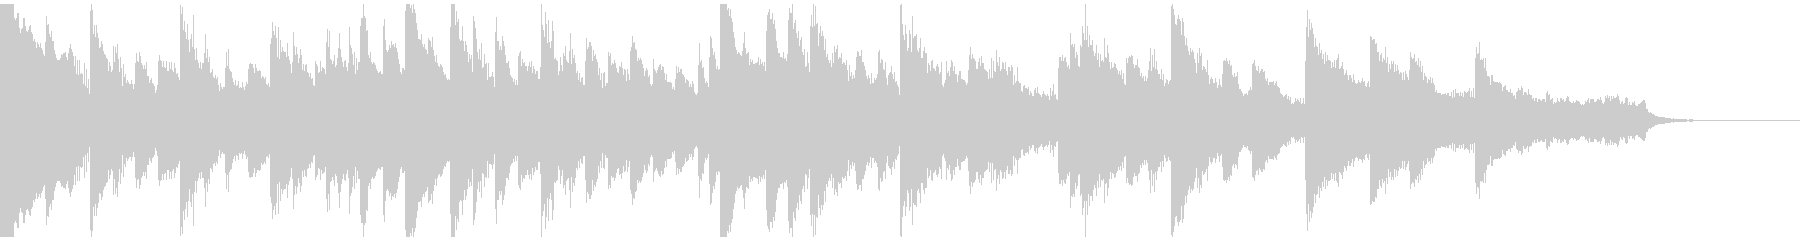 切なくノスタルジックなピアノ曲の未再生の波形